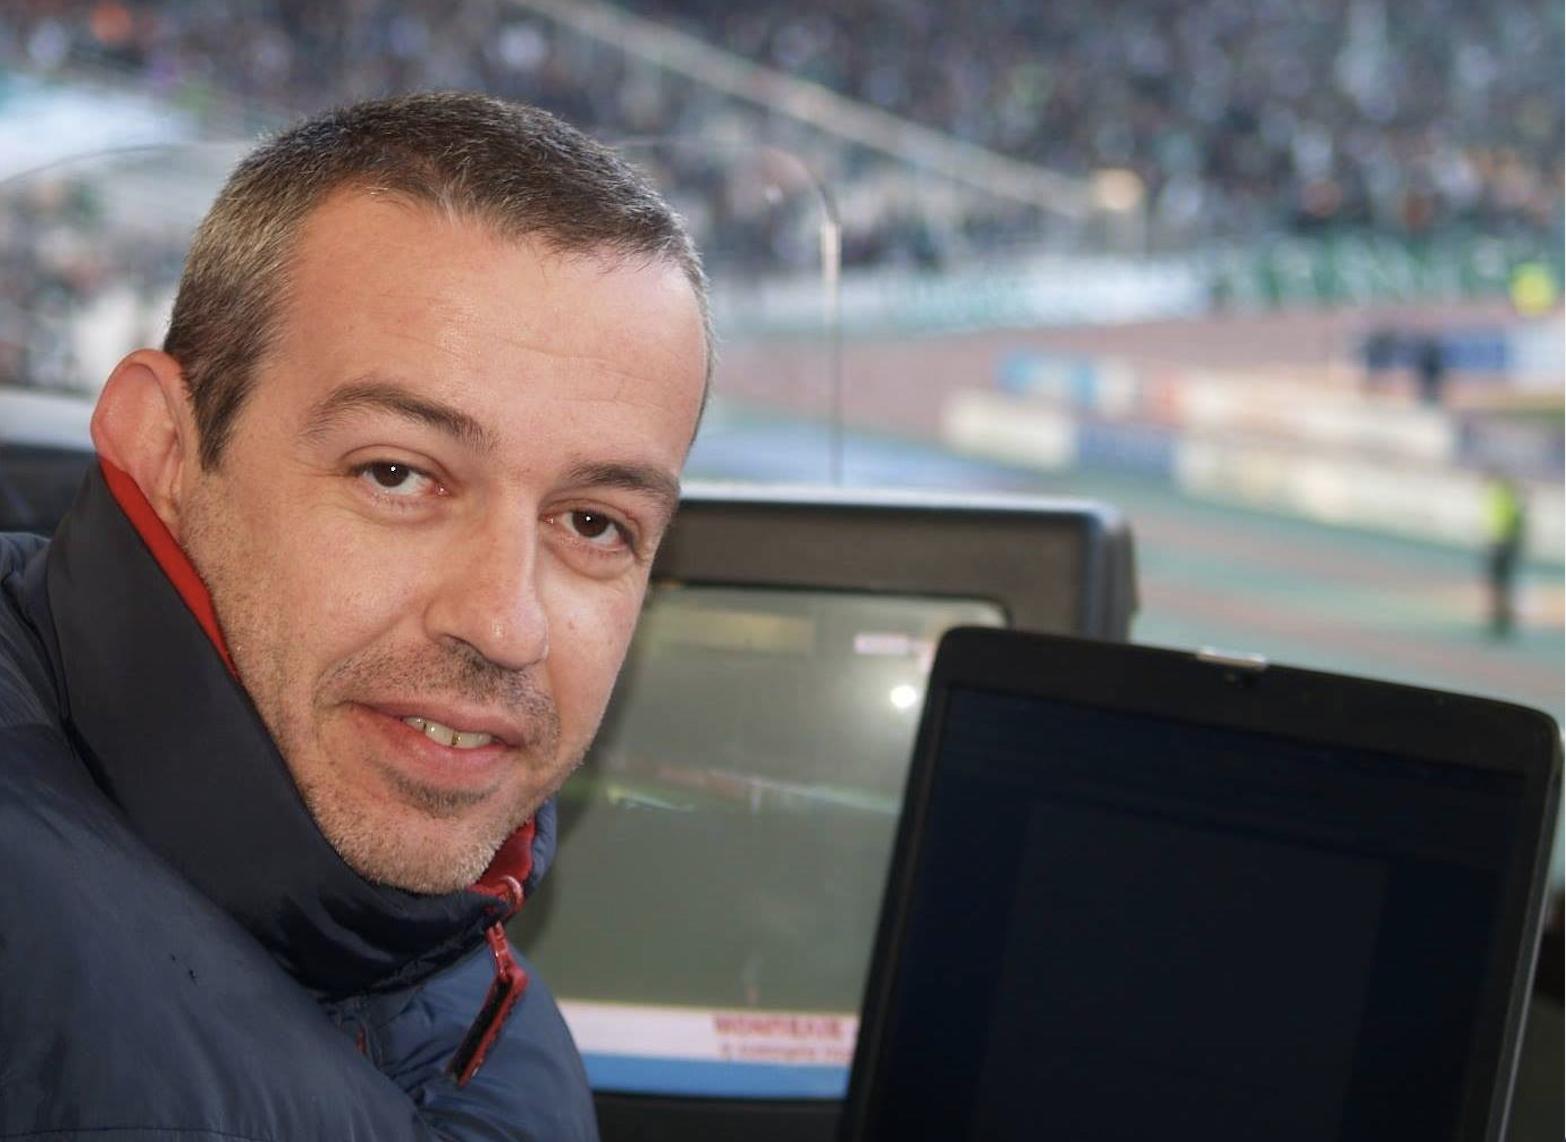 O Κώστας Χρυσάφης στη συνέντευξη της ζωής του για το ποδόσφαιρο σάλας